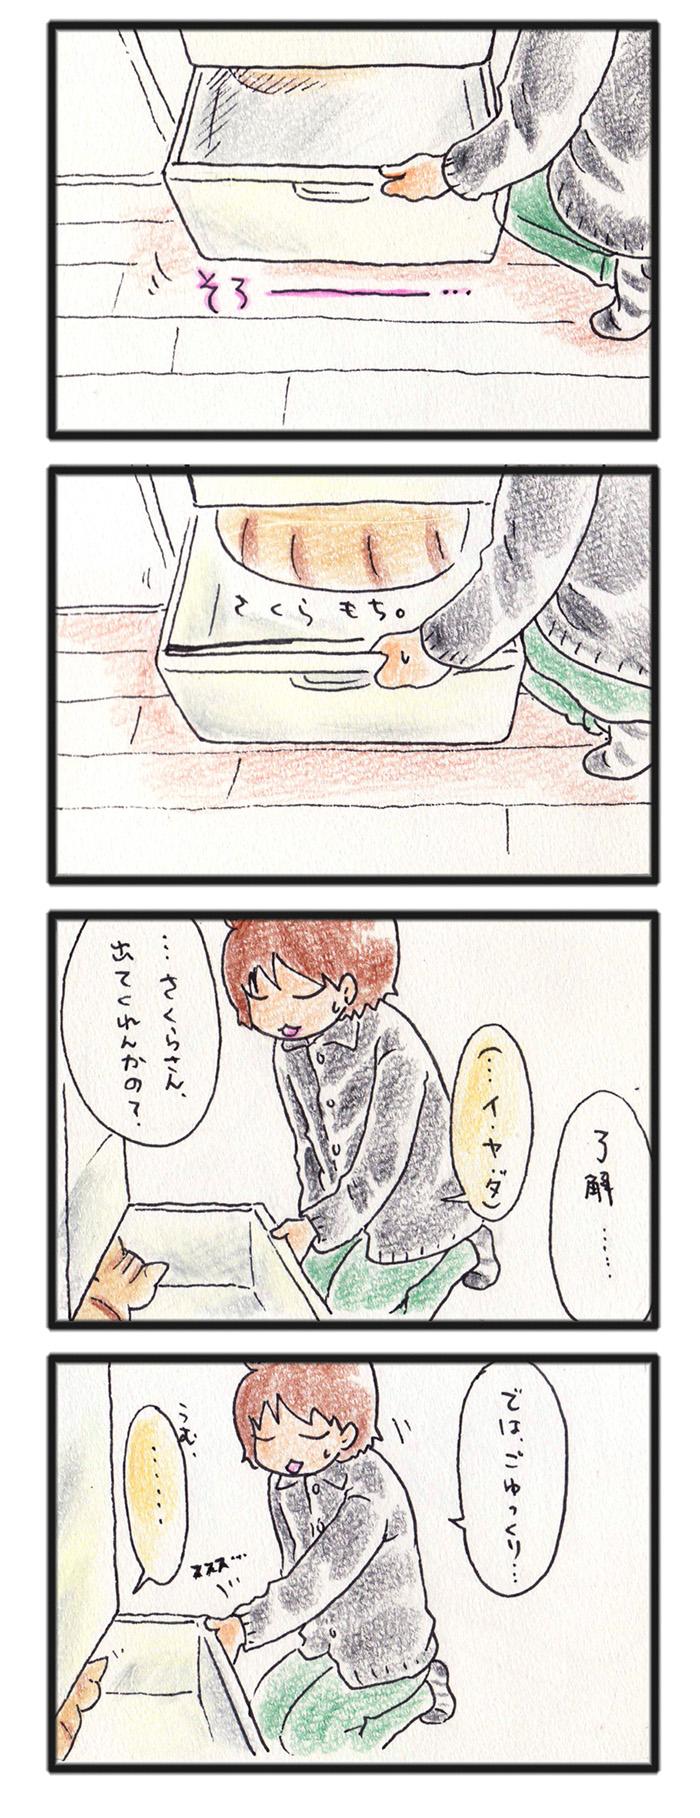 comic_4c_14120902.jpg